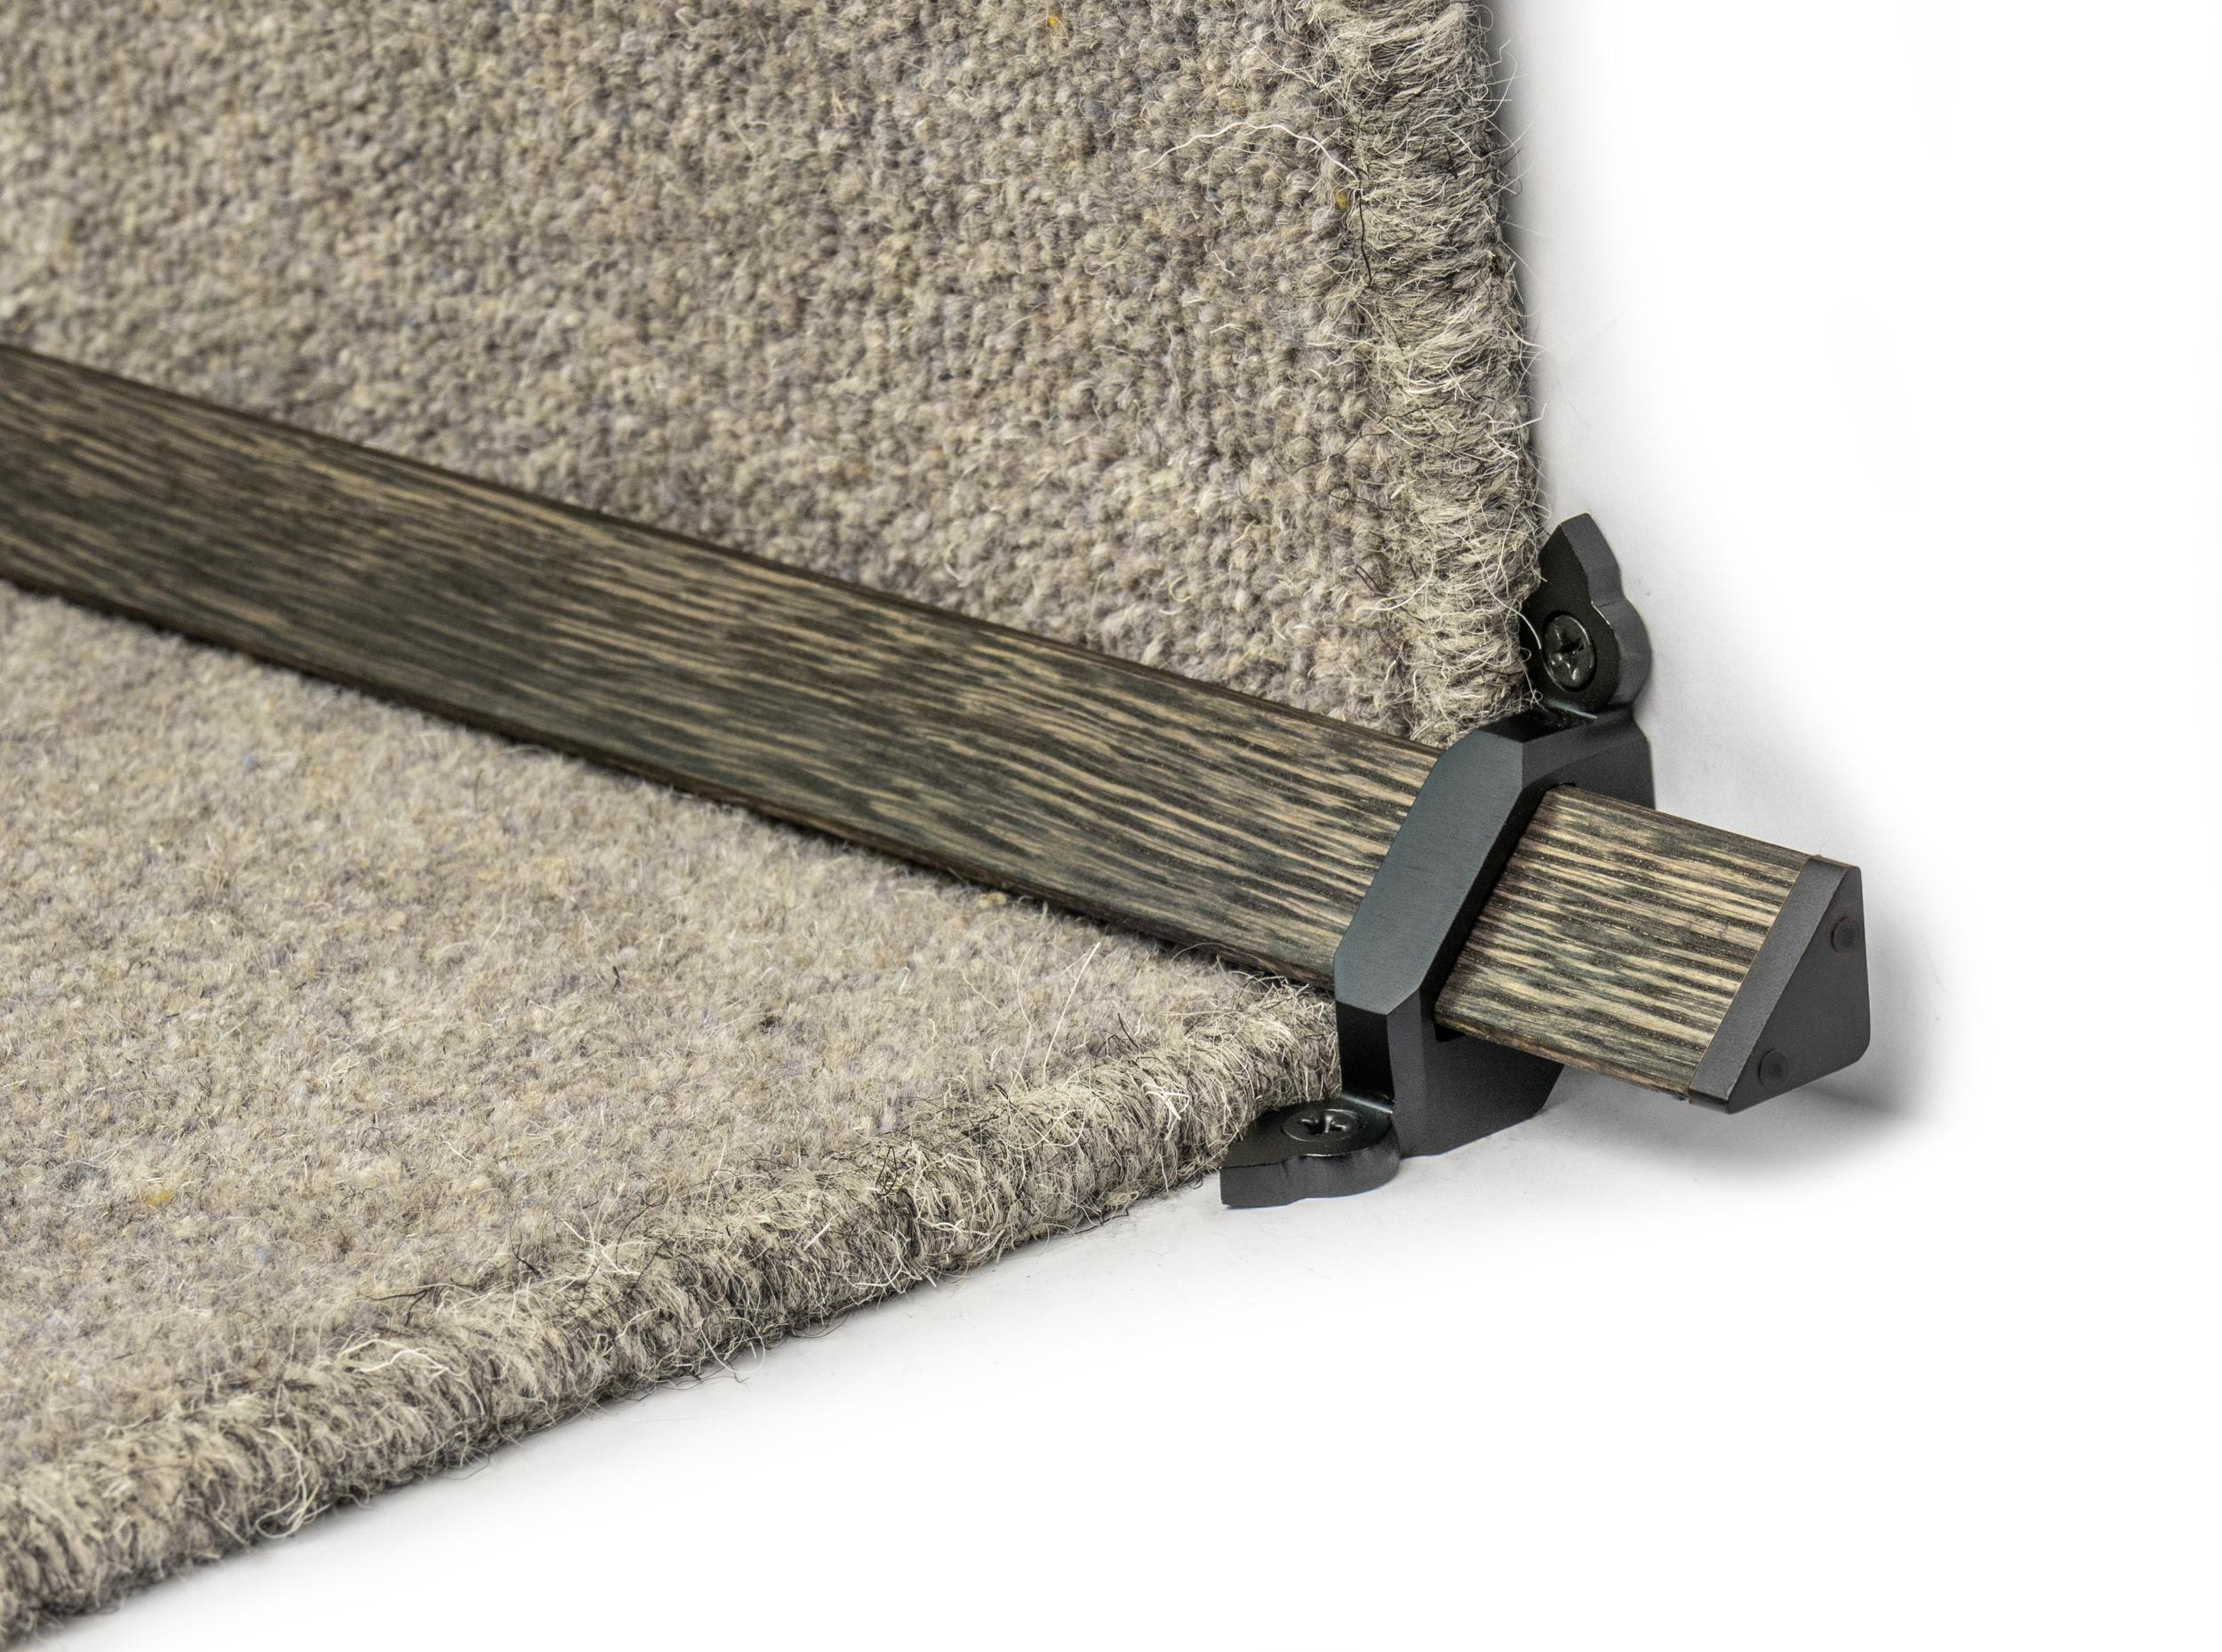 stairrods-black-wooden-tudor 3.jpg